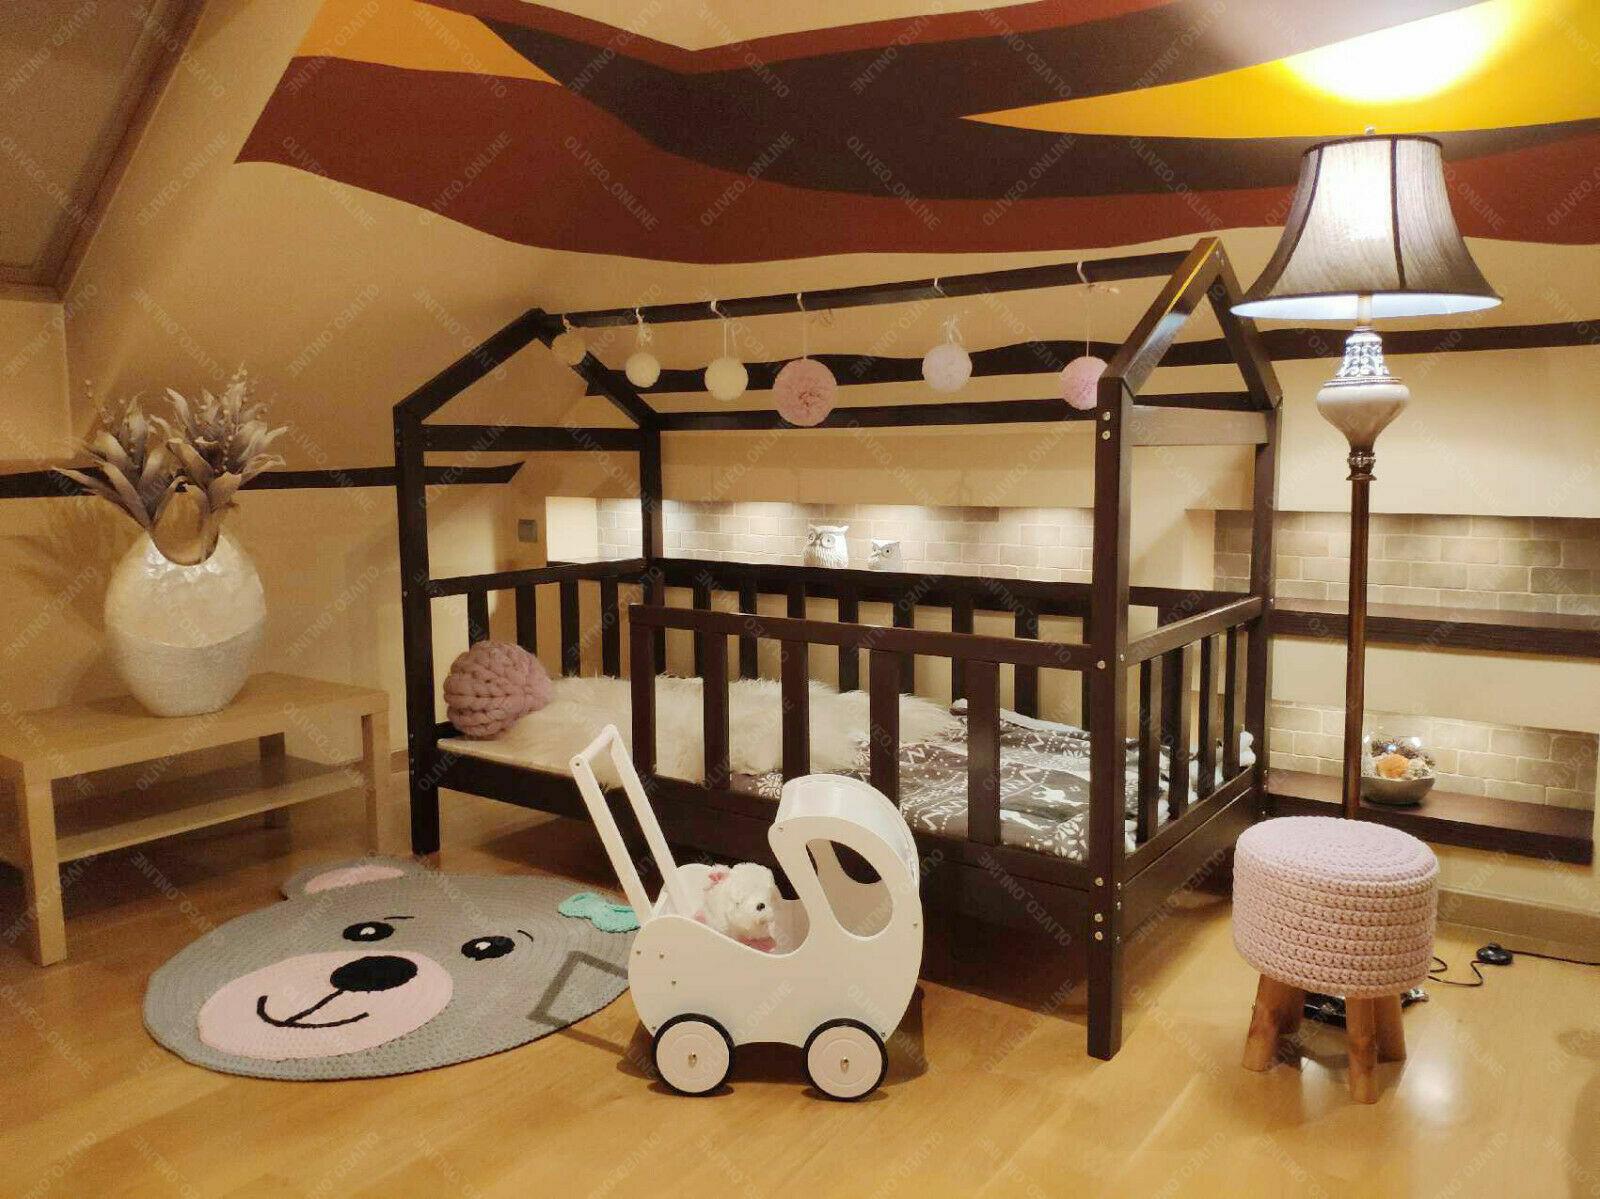 Enfants Lit Double HOUSE, maison lit pour enfants lit barrières 45 cm